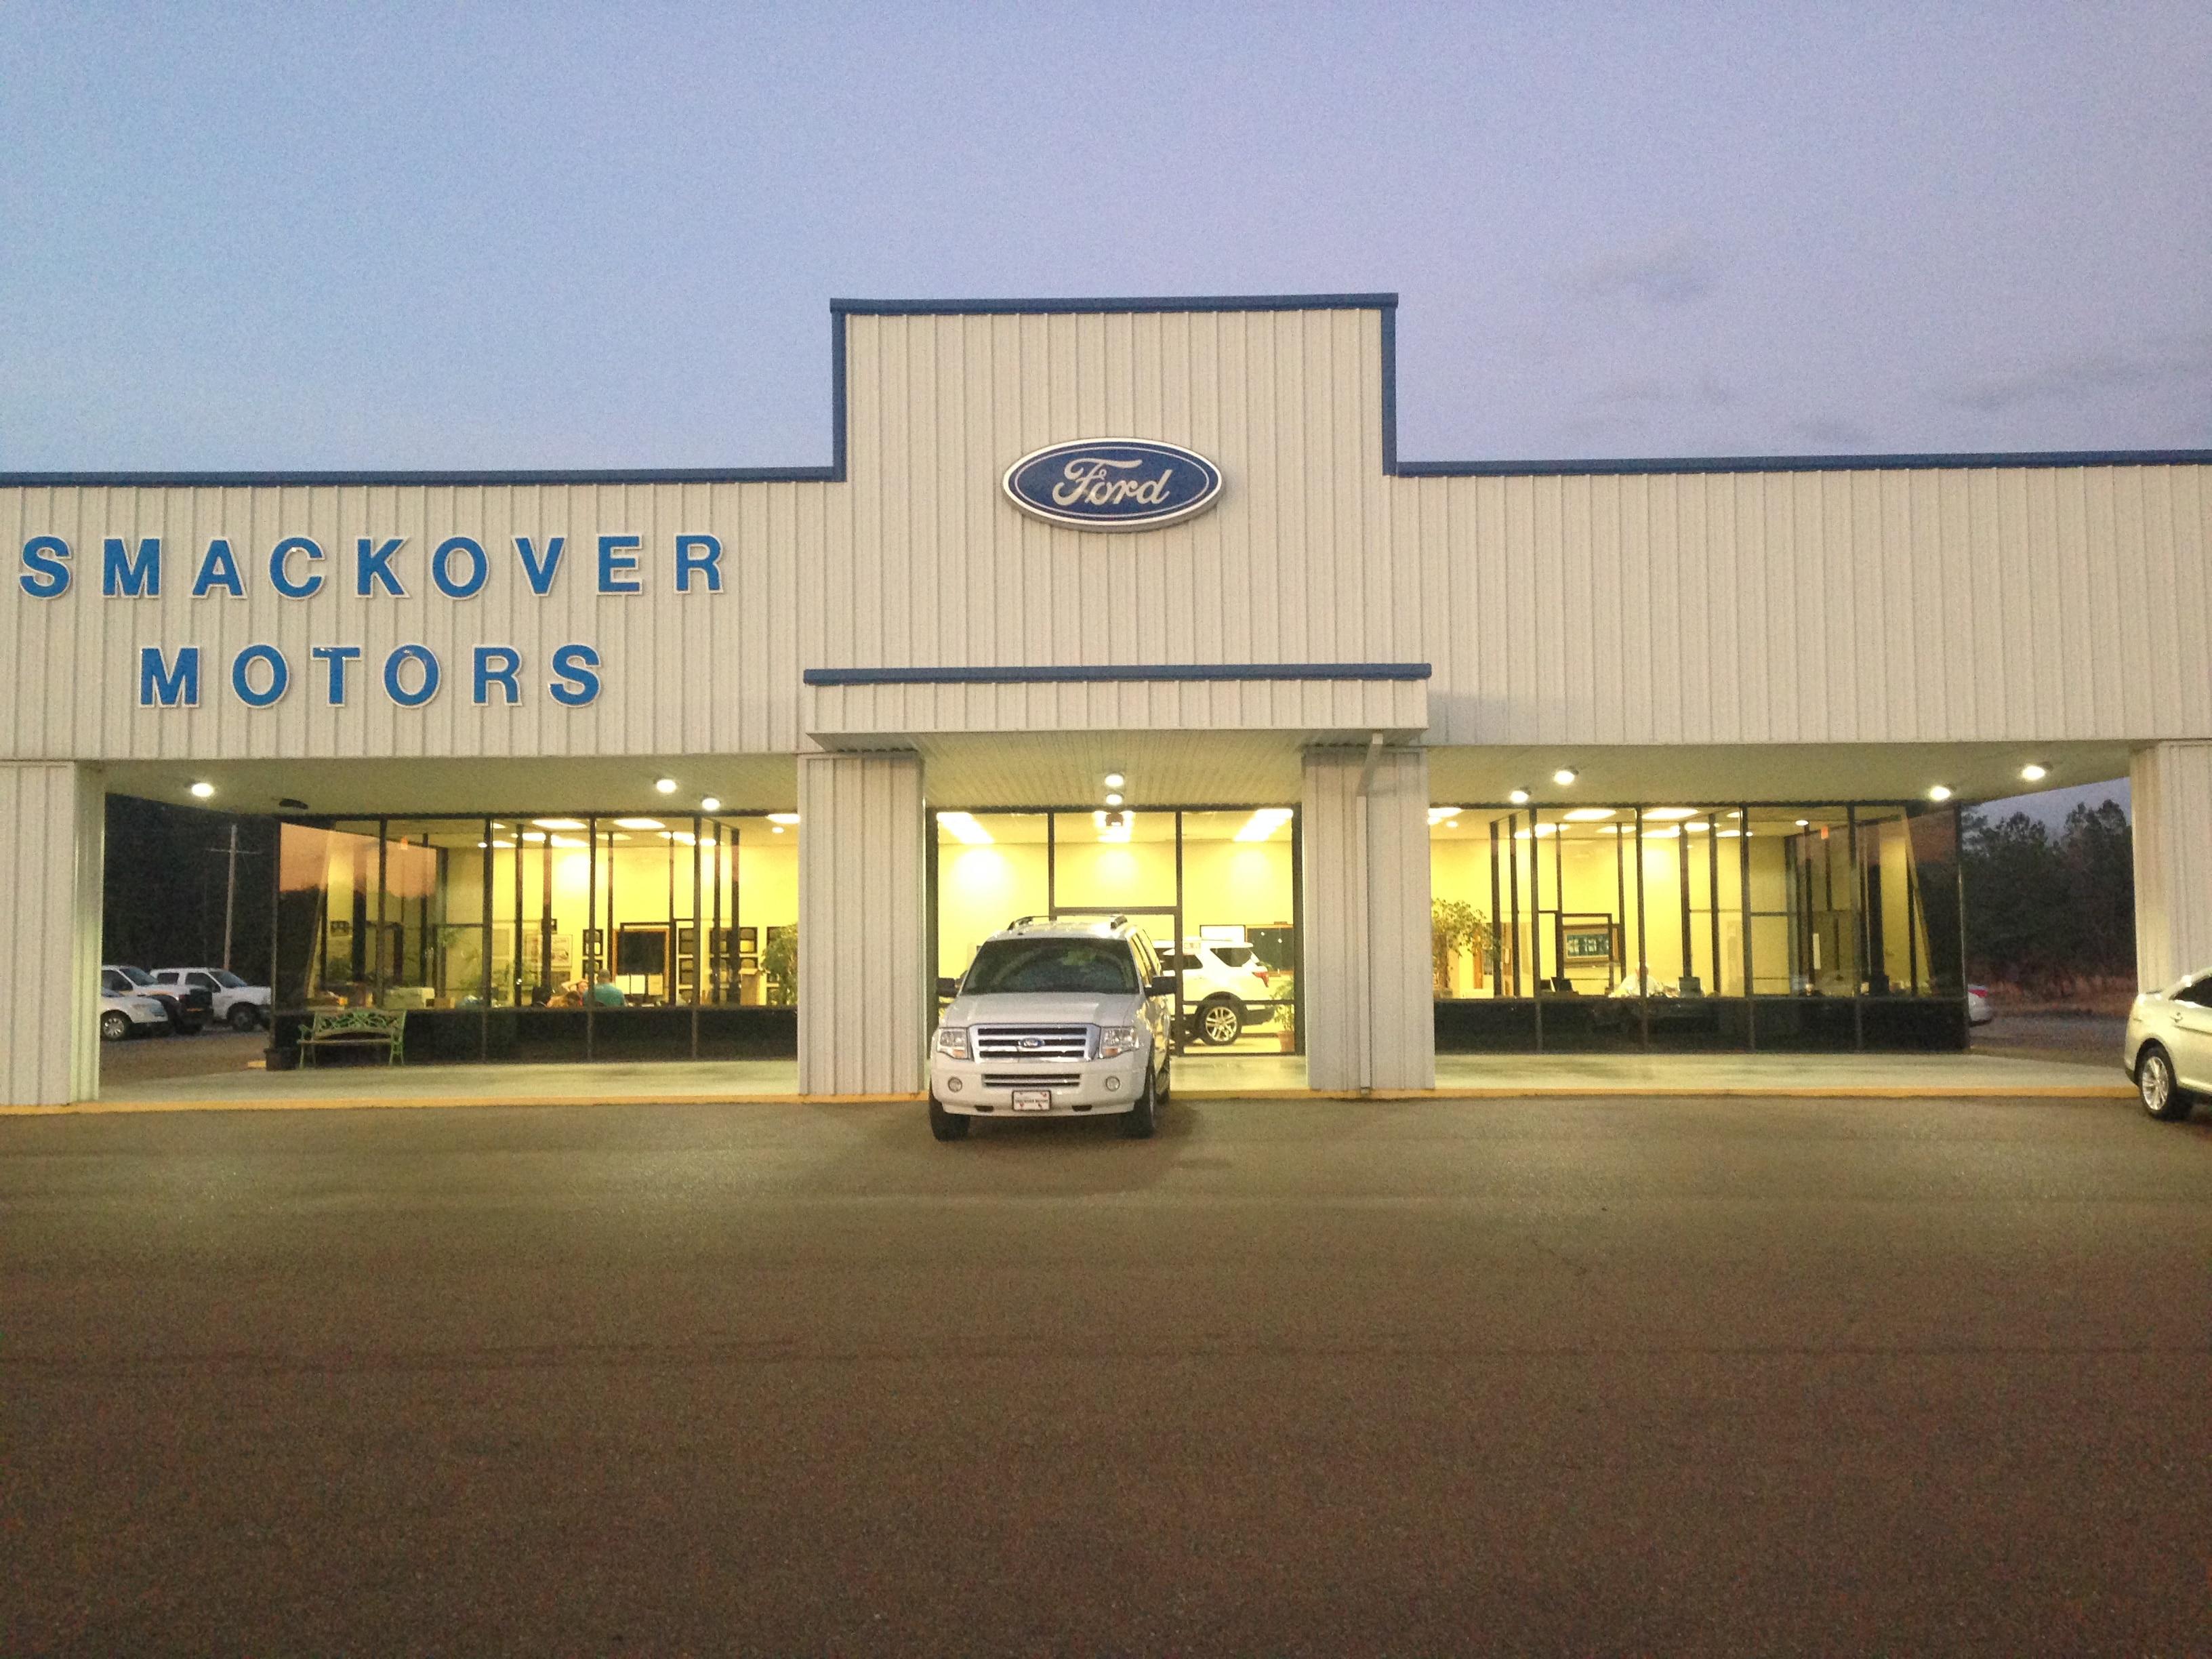 Smackover Motors Ford Dealership In Smackover Ar